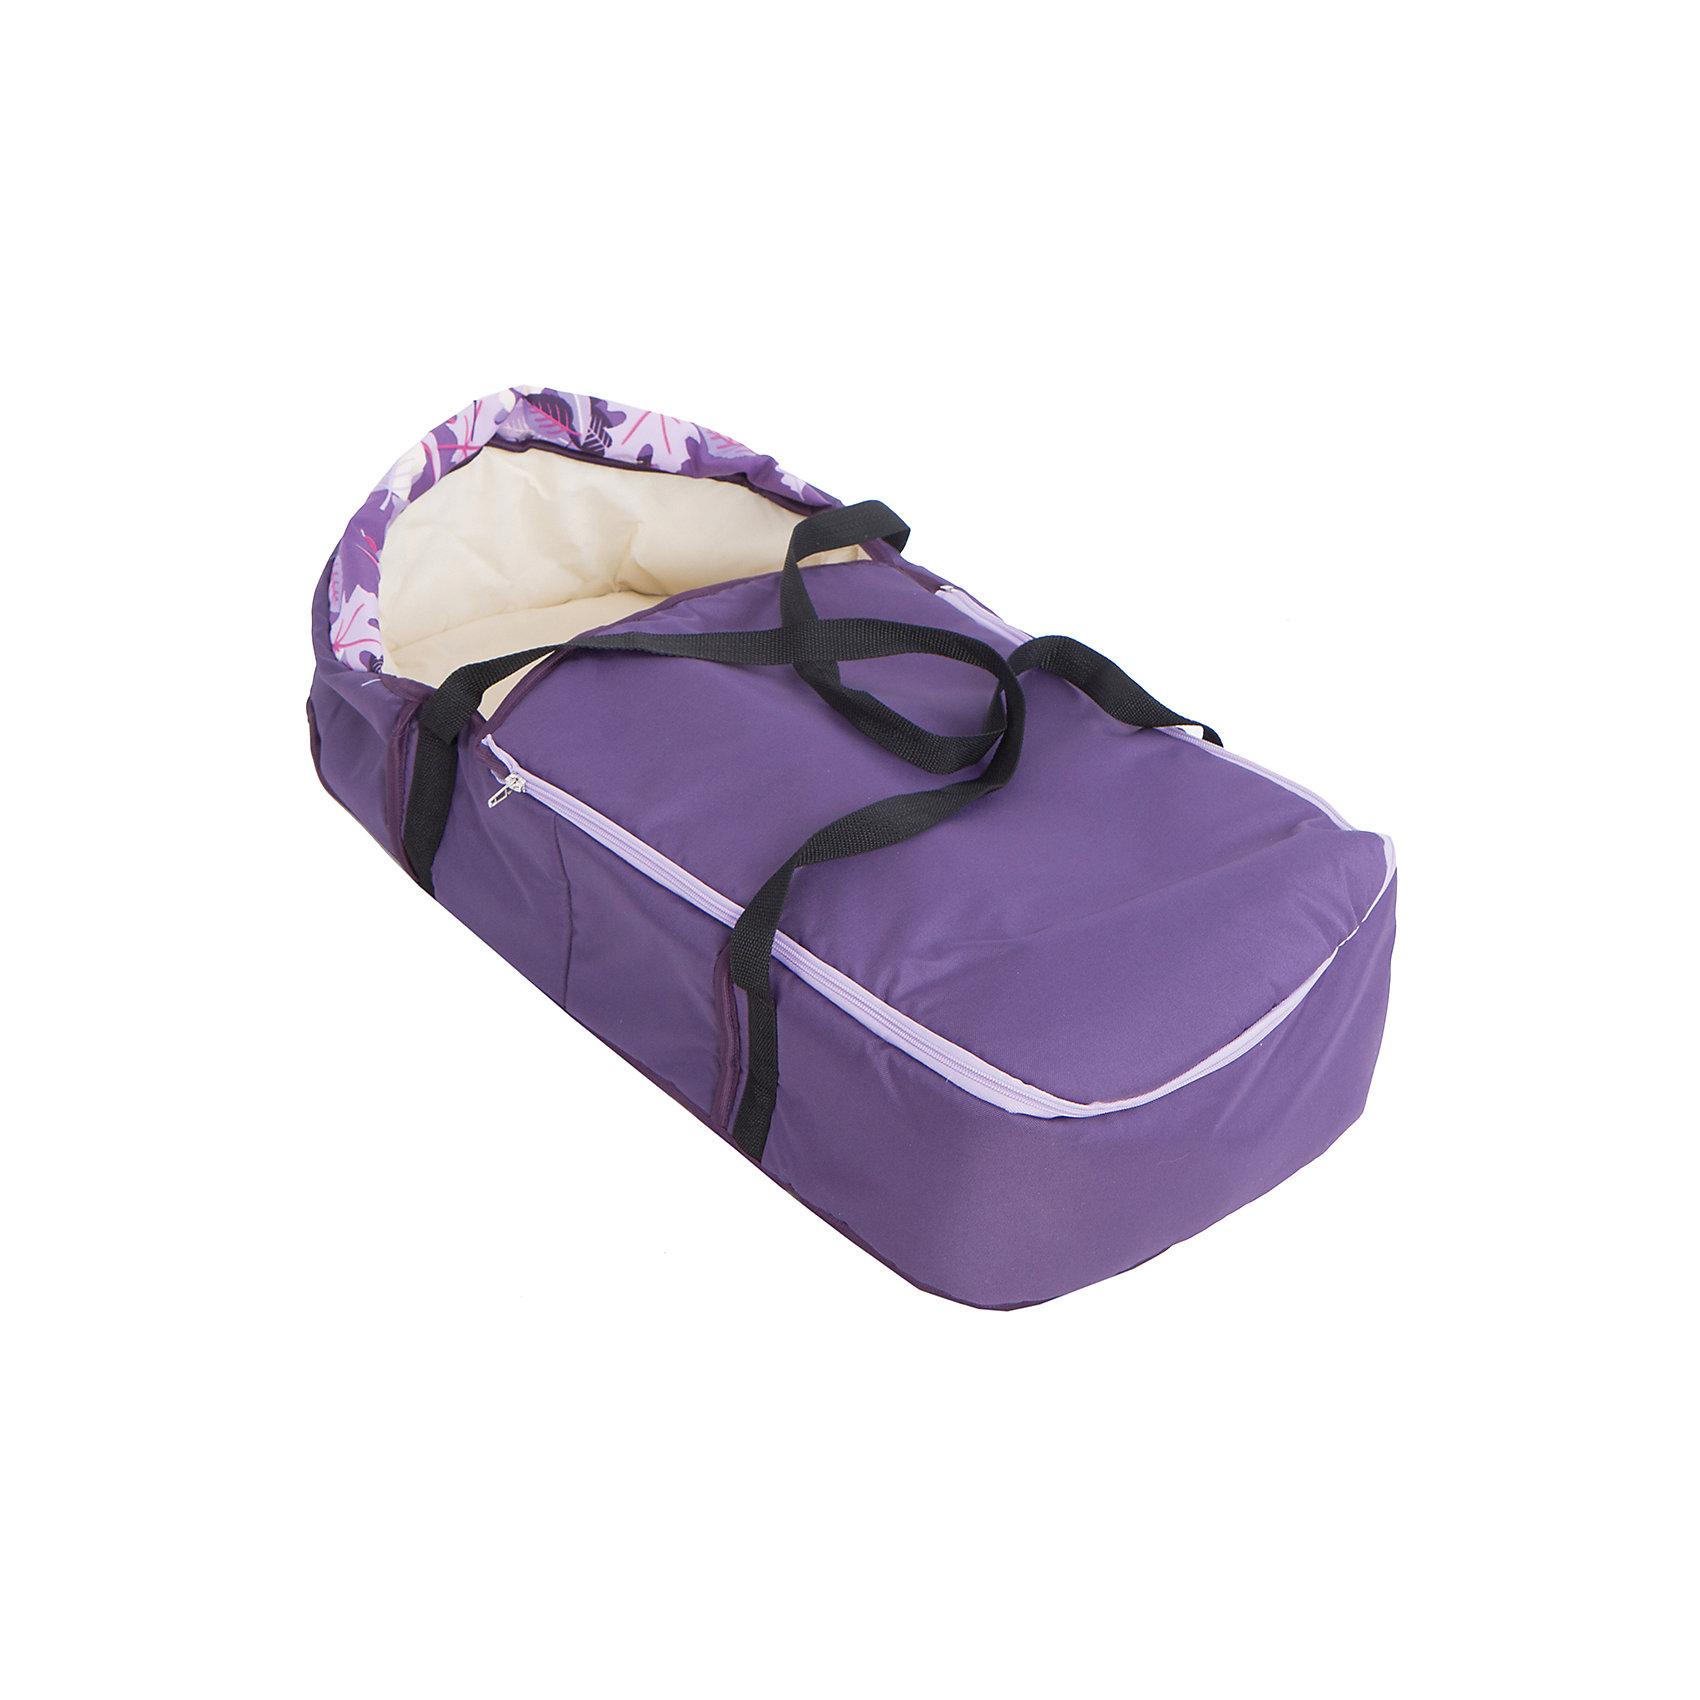 Коляска-трансформер Sport, Marimex, фиолетовый/сиреневый с принтом